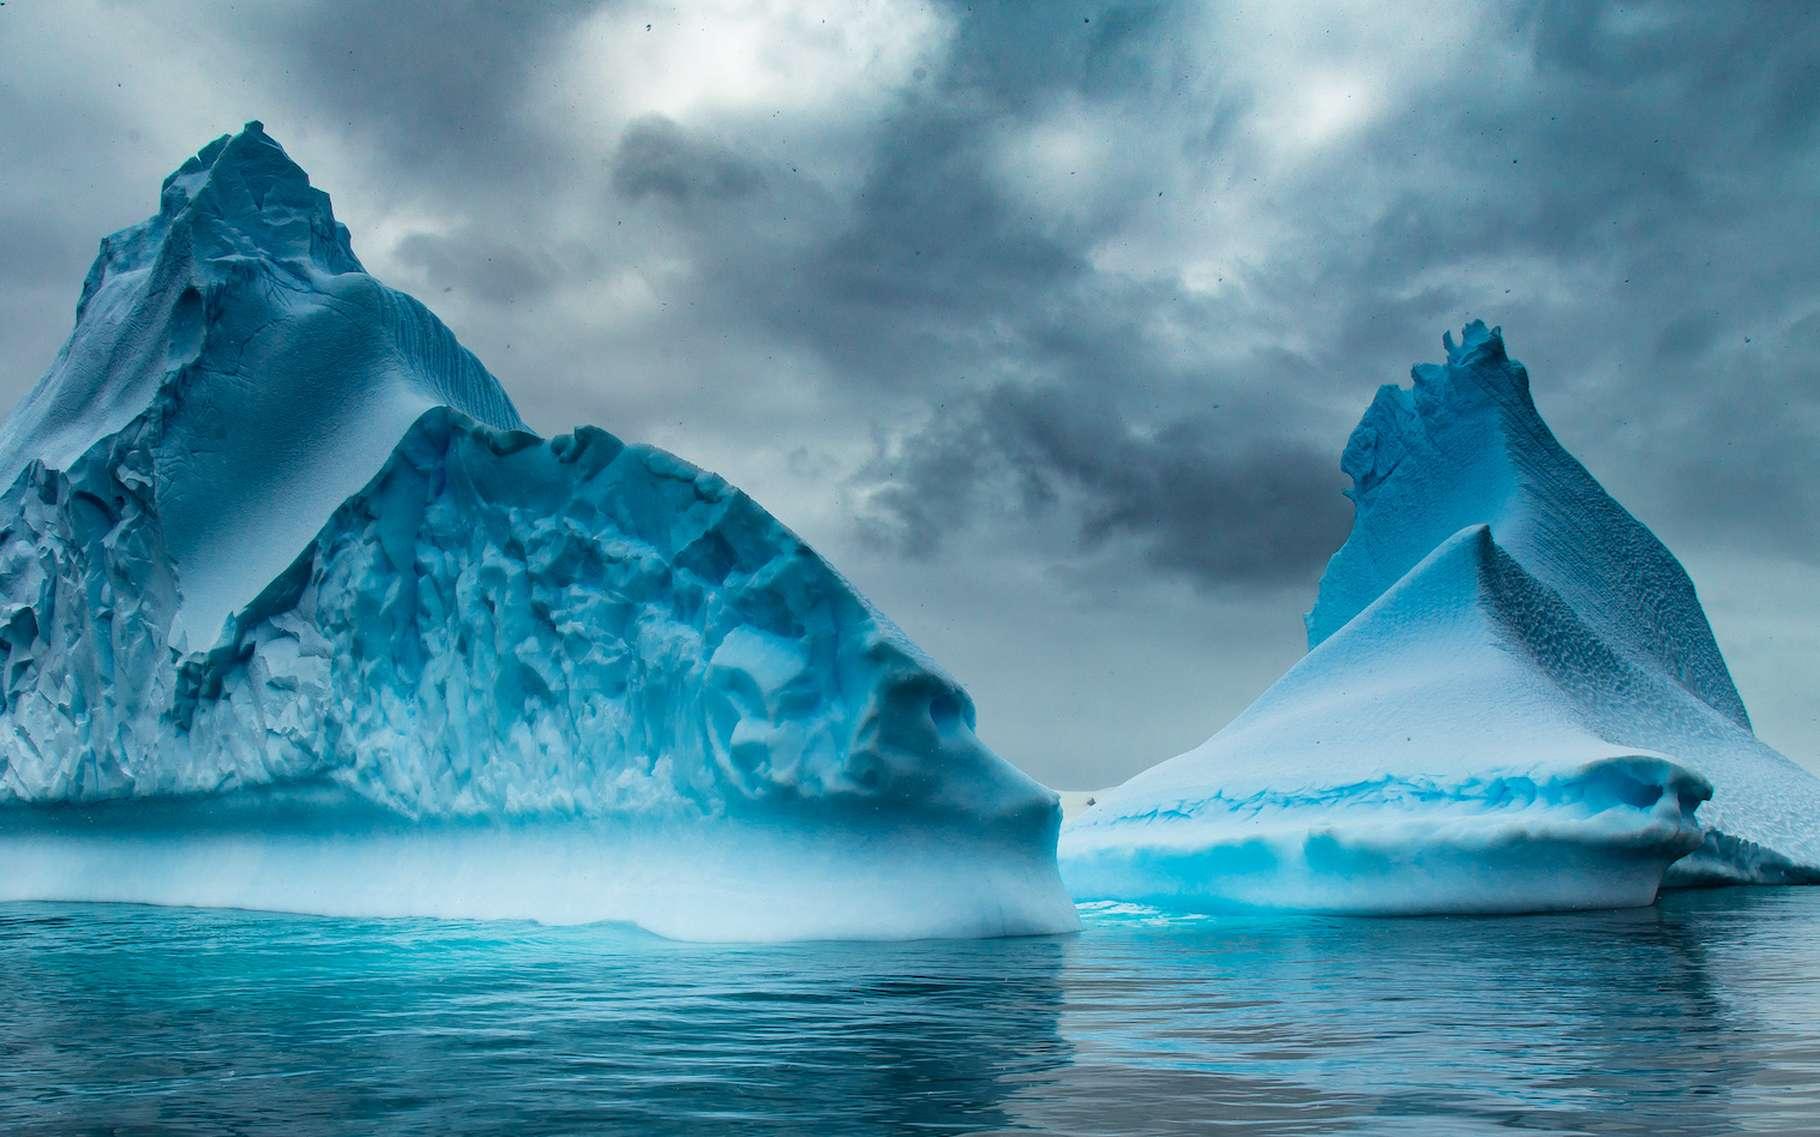 Pour la première fois, des chercheurs montrent que les changements qui surviennent au niveau de la calotte glaciaire de l'Arctique impactent directement la calotte glaciaire de l'Antarctique. © Stanislav, Adobe Stock